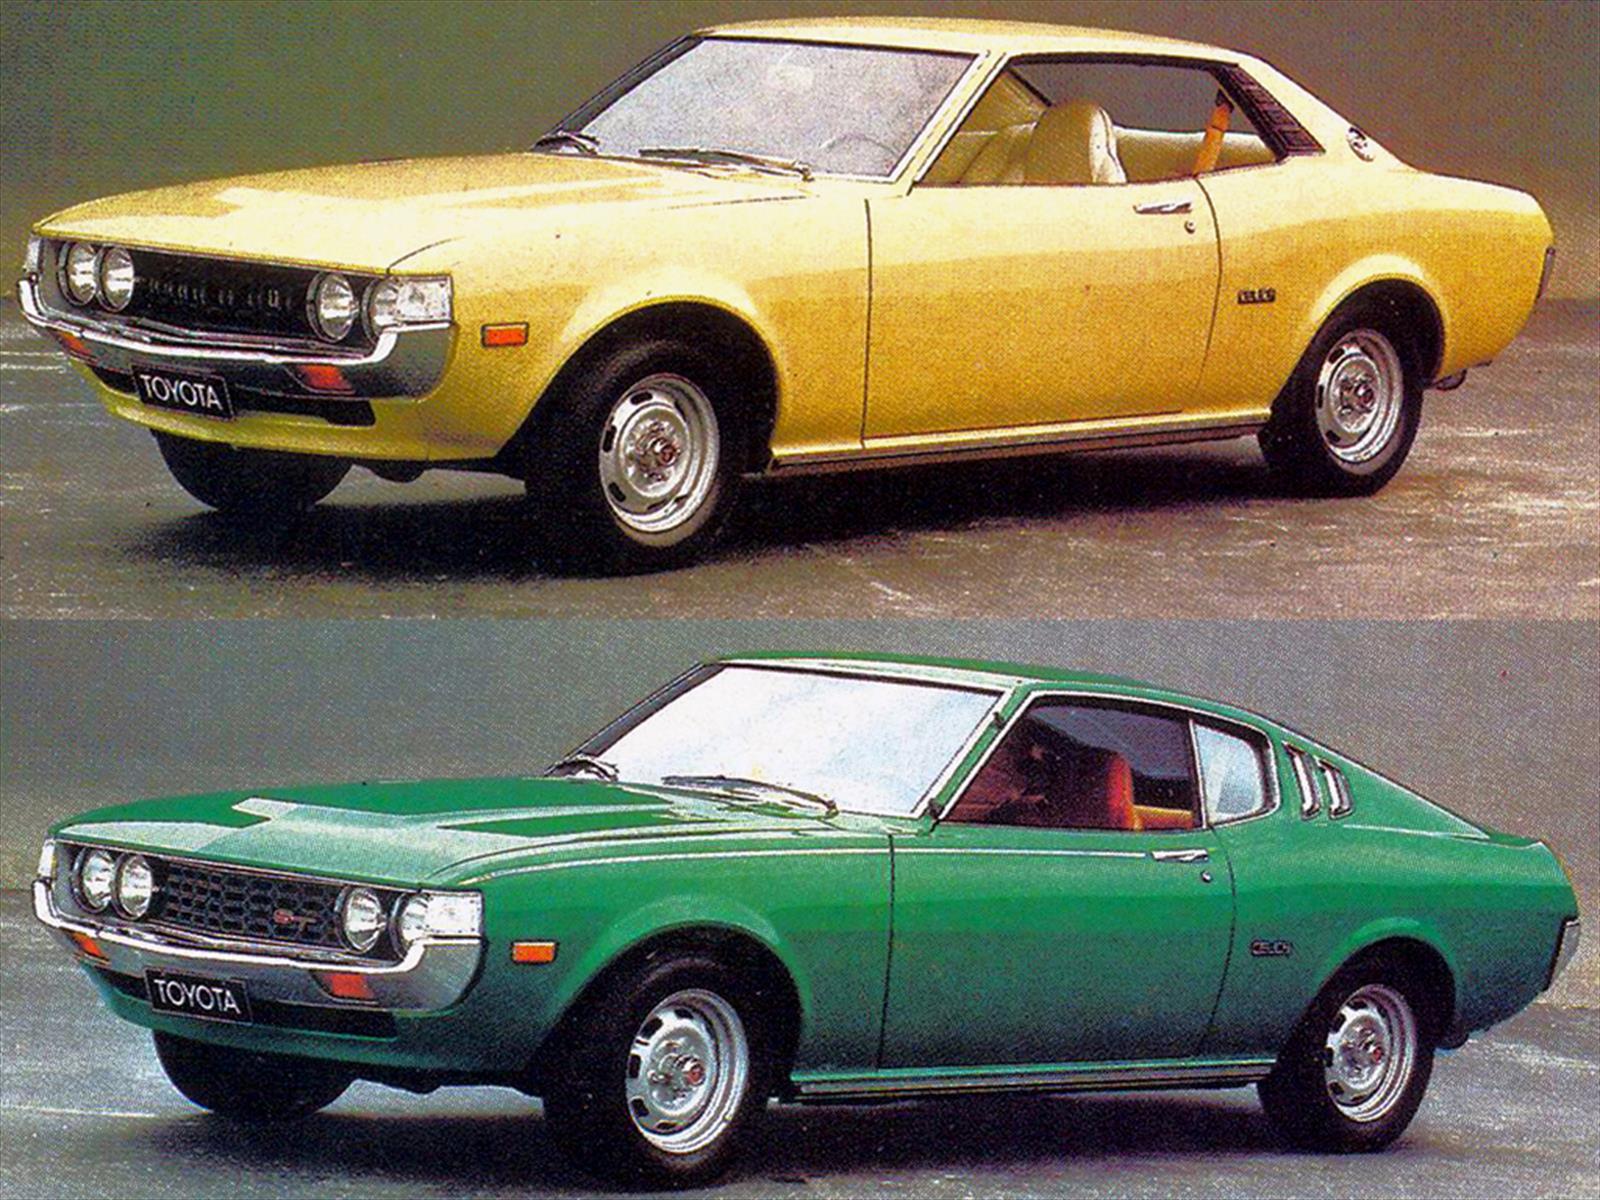 Toyota Celica de primera generación: Clásico deportivo ...